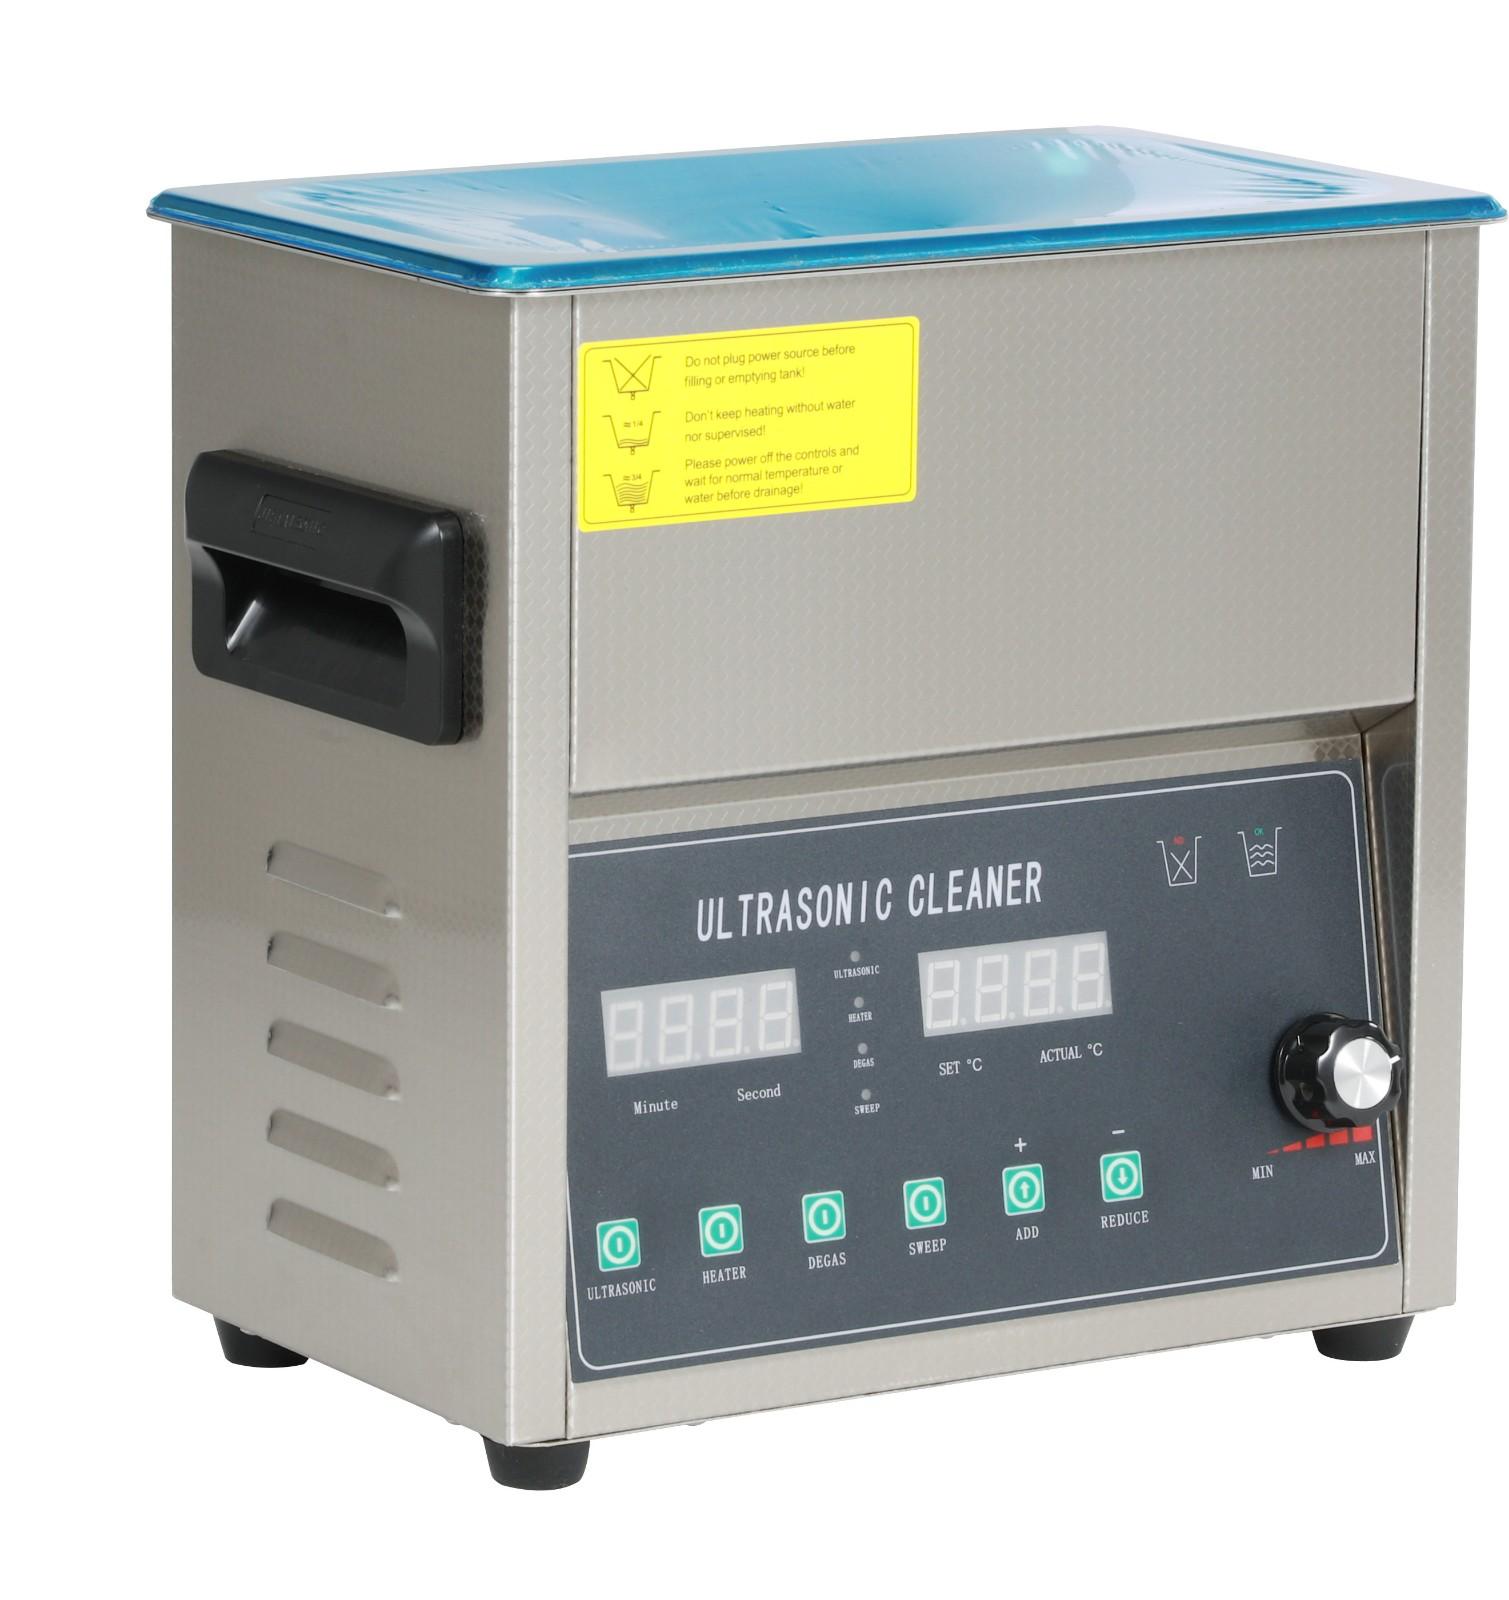 超聲波清洗機常見故障分析